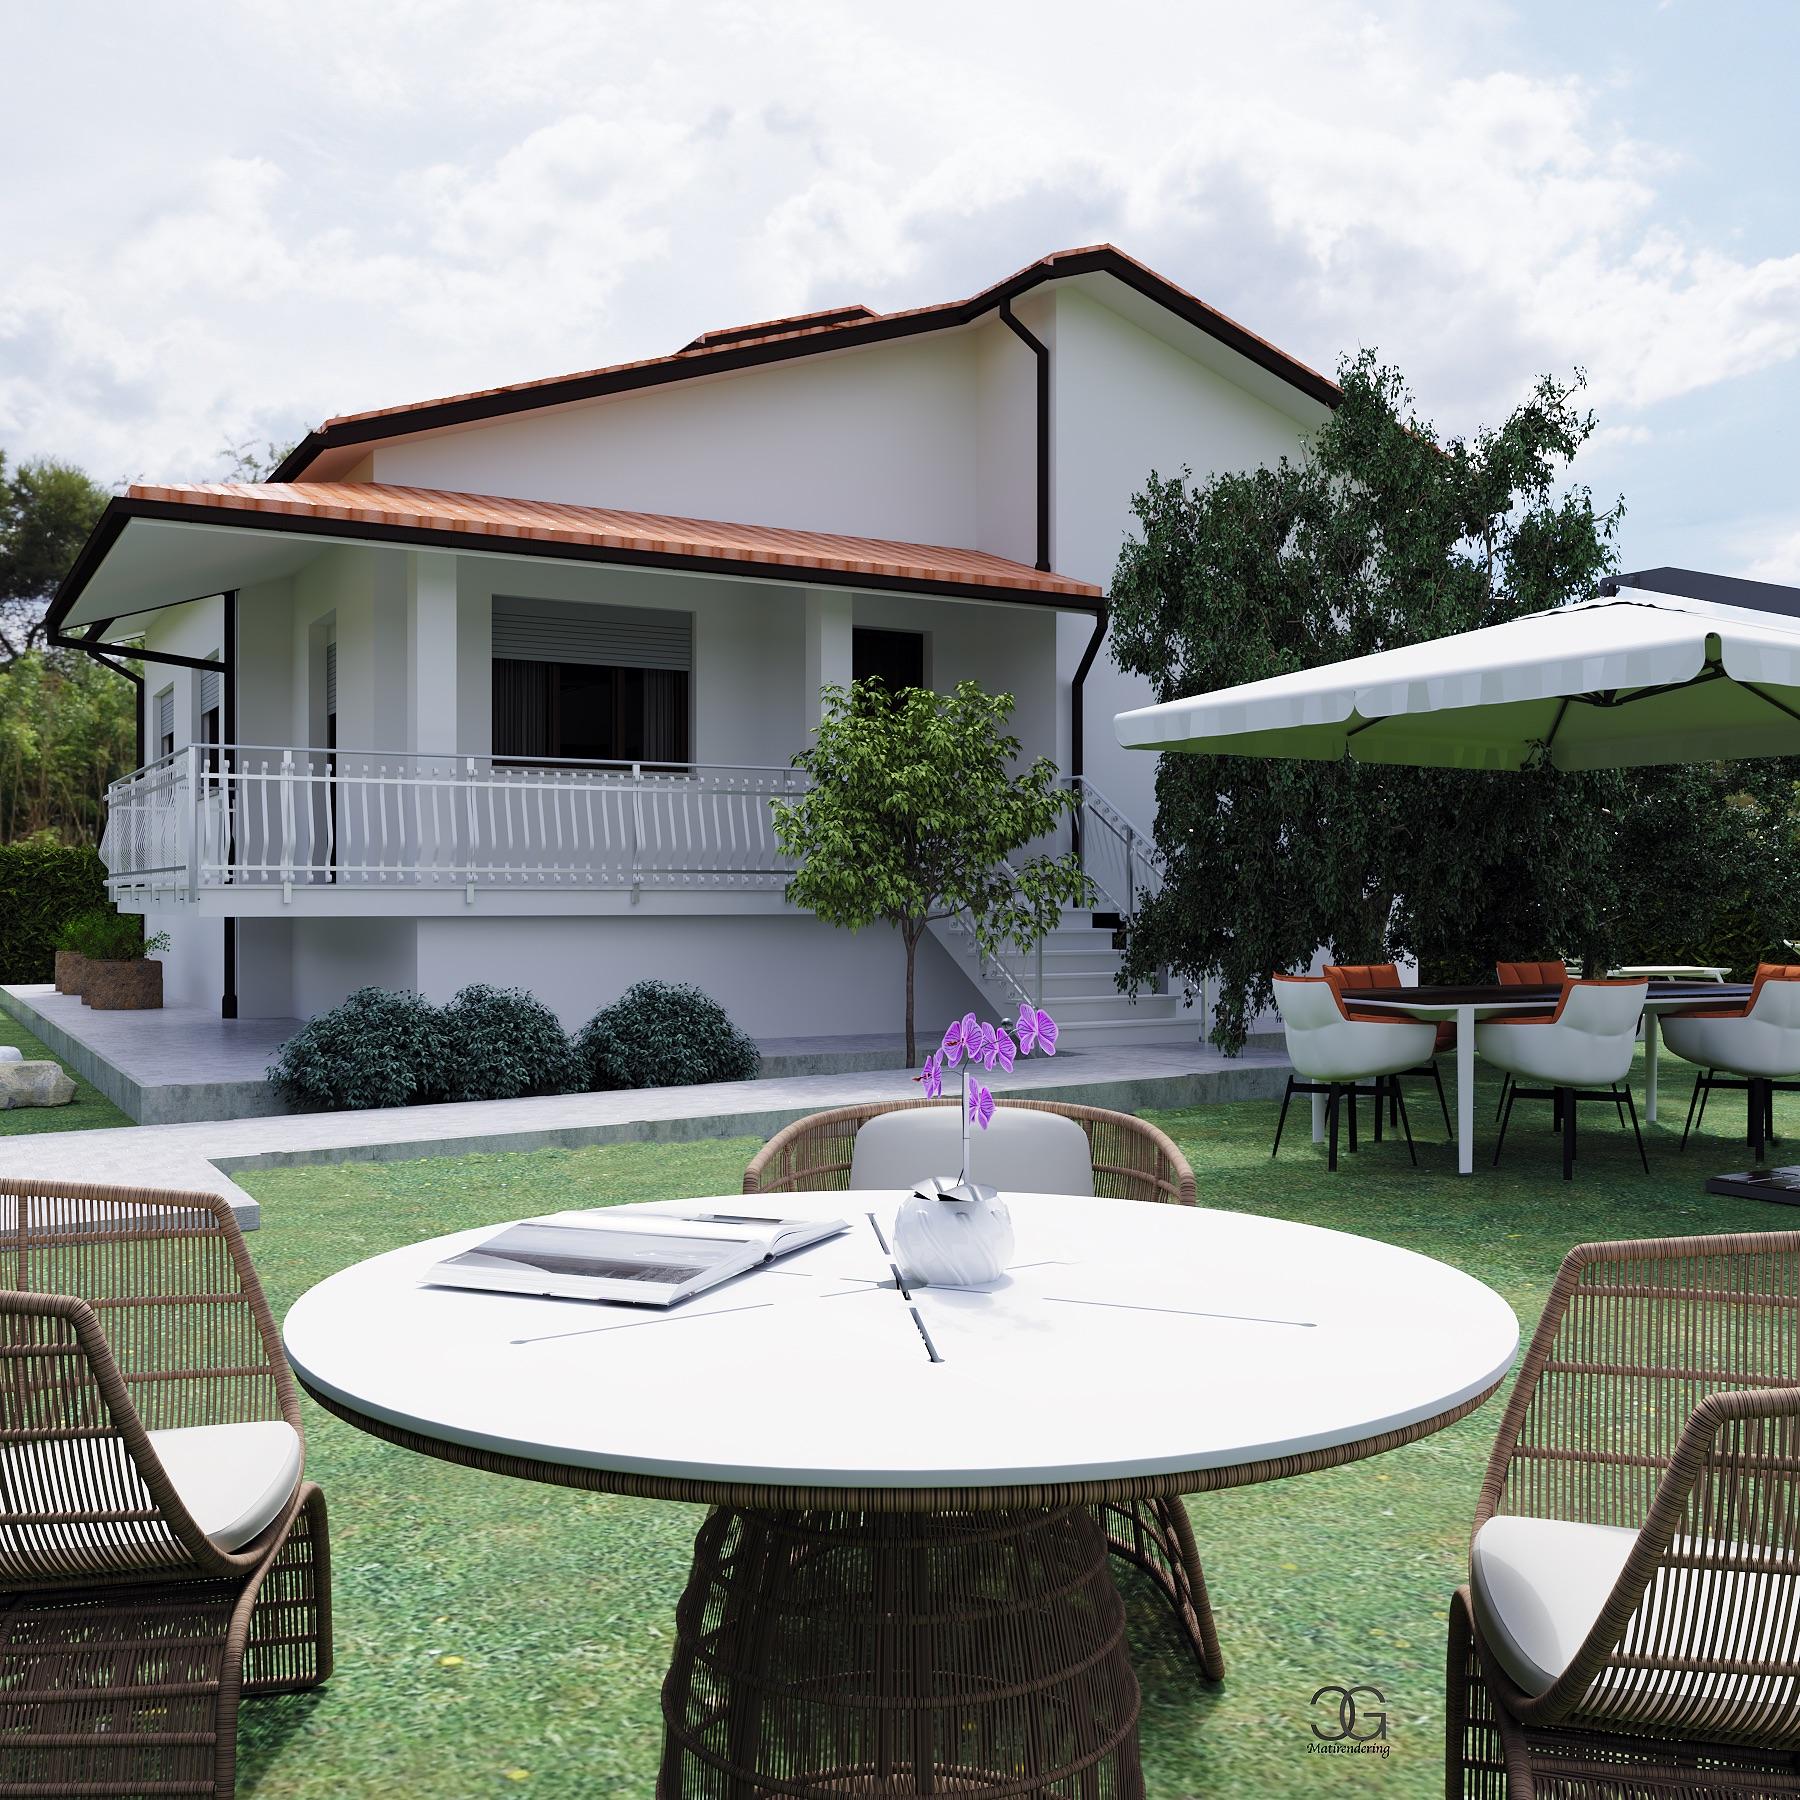 Casa Fresciano